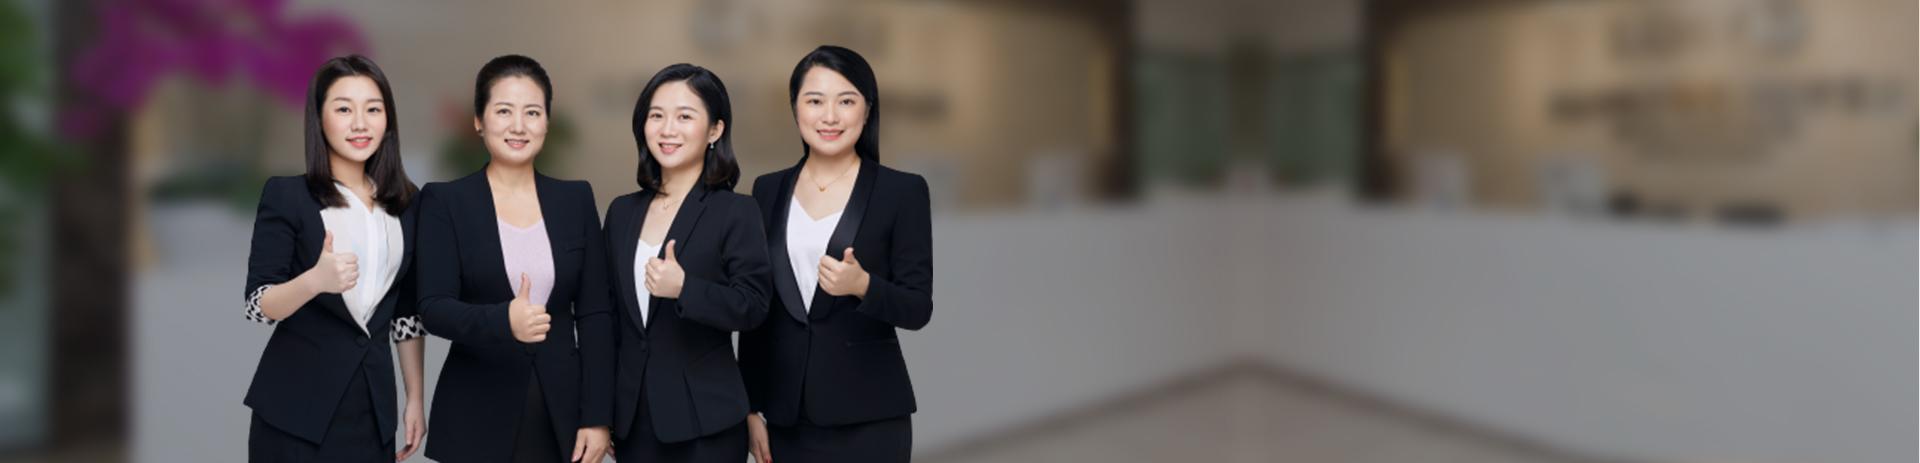 杜芹家族律师团队